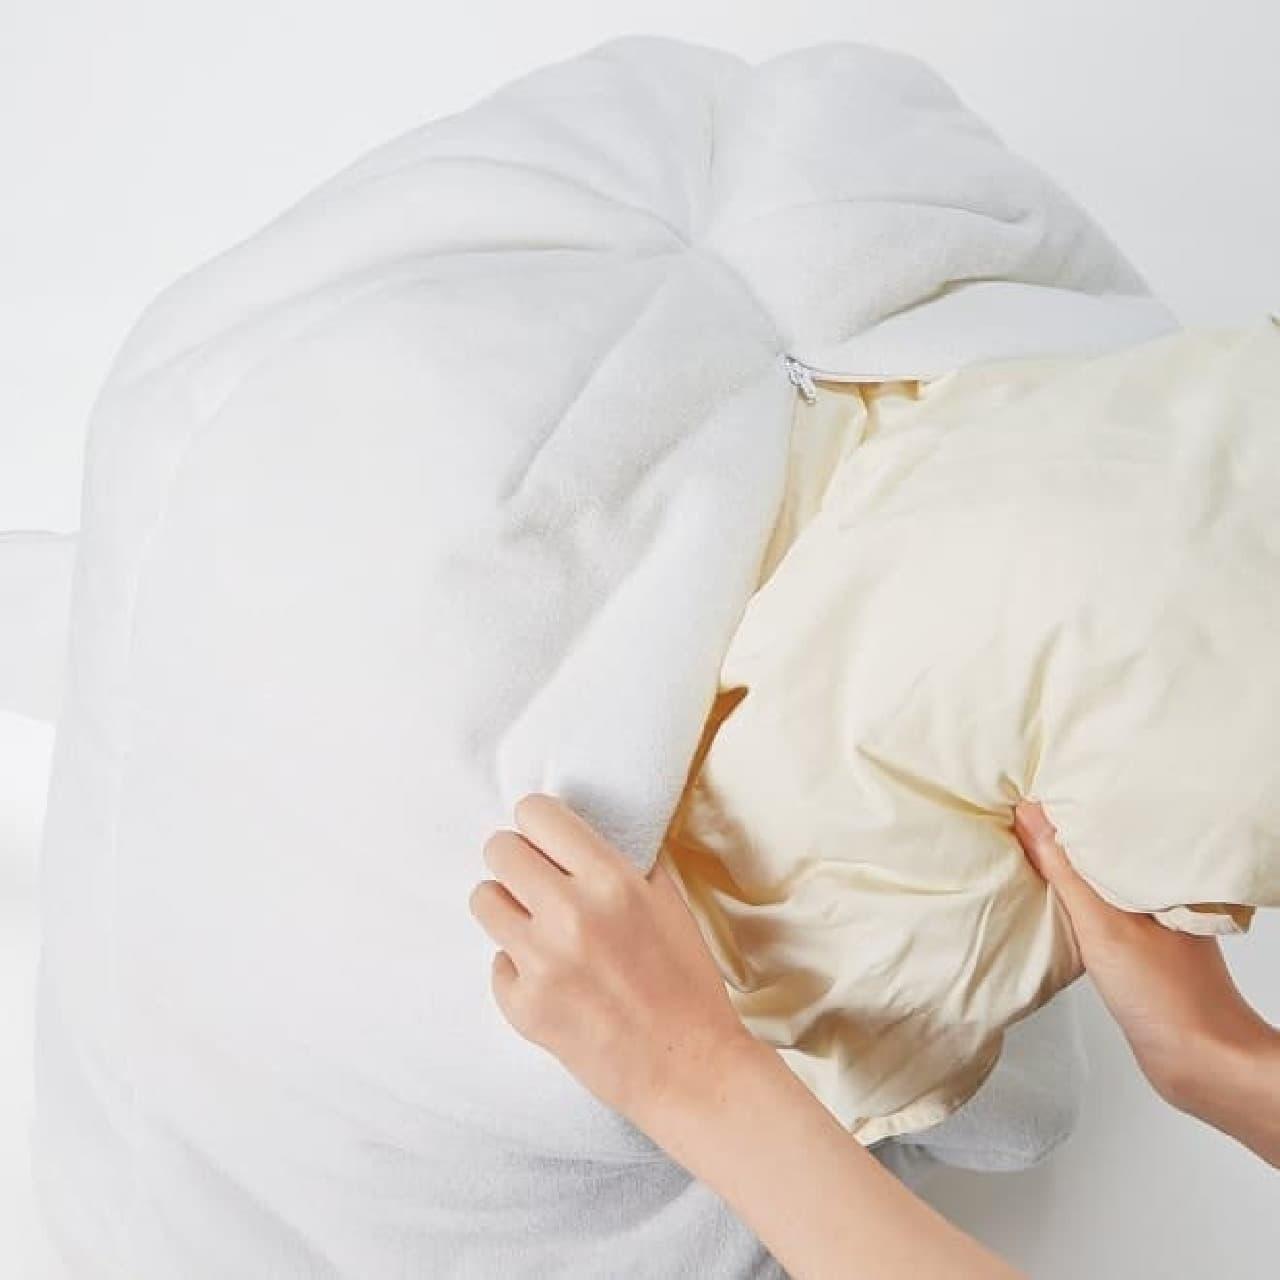 布団収納アイテム「オバケと暮らす布団収納ケース」